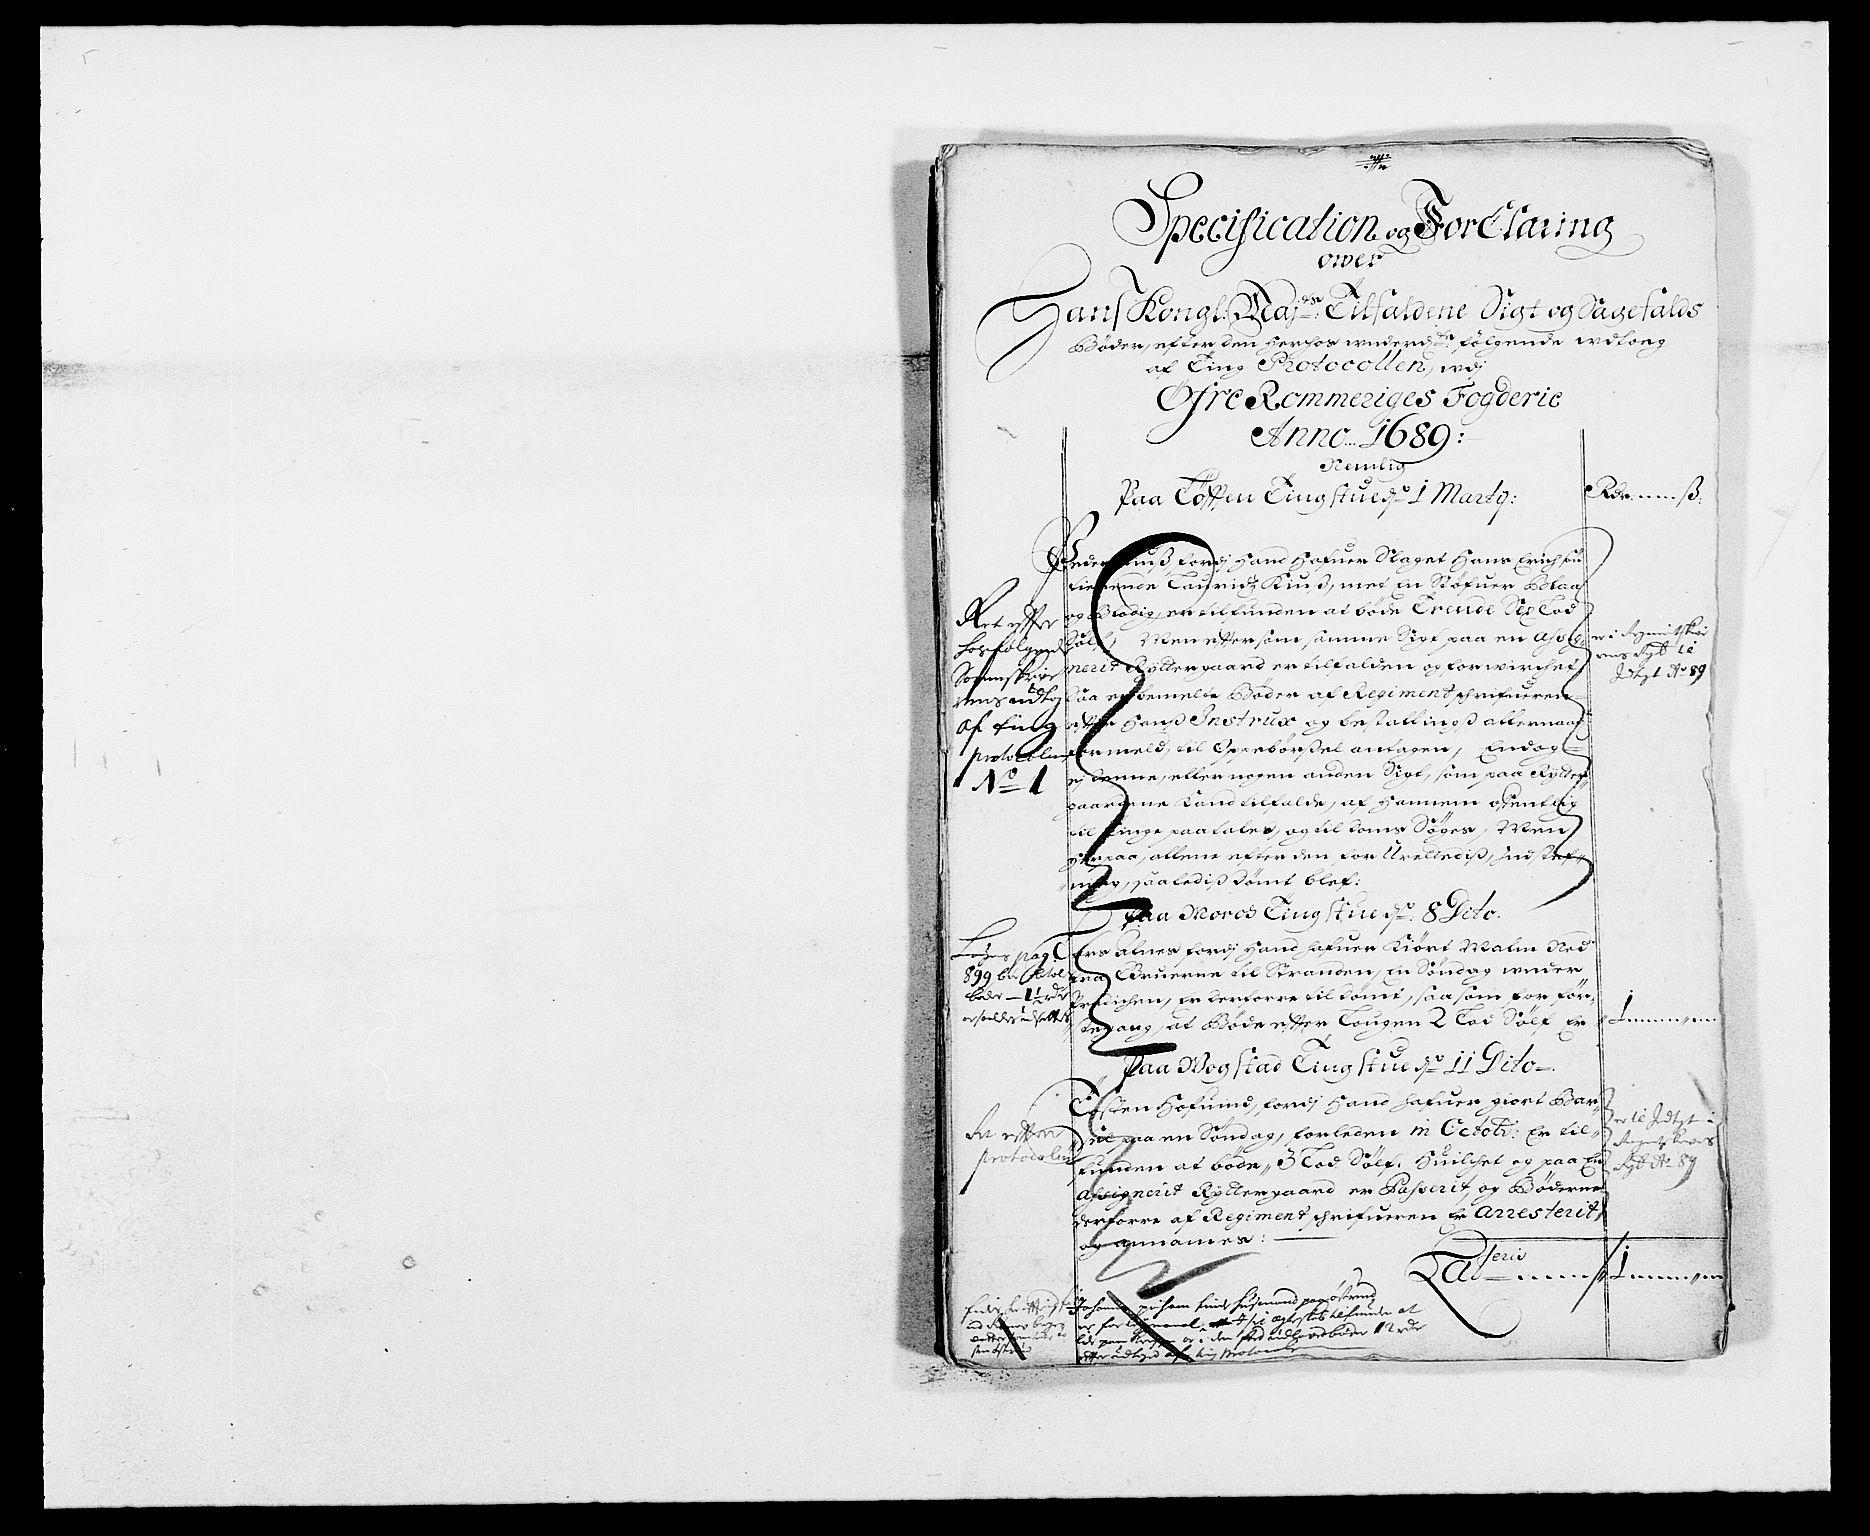 RA, Rentekammeret inntil 1814, Reviderte regnskaper, Fogderegnskap, R12/L0701: Fogderegnskap Øvre Romerike, 1689, s. 23